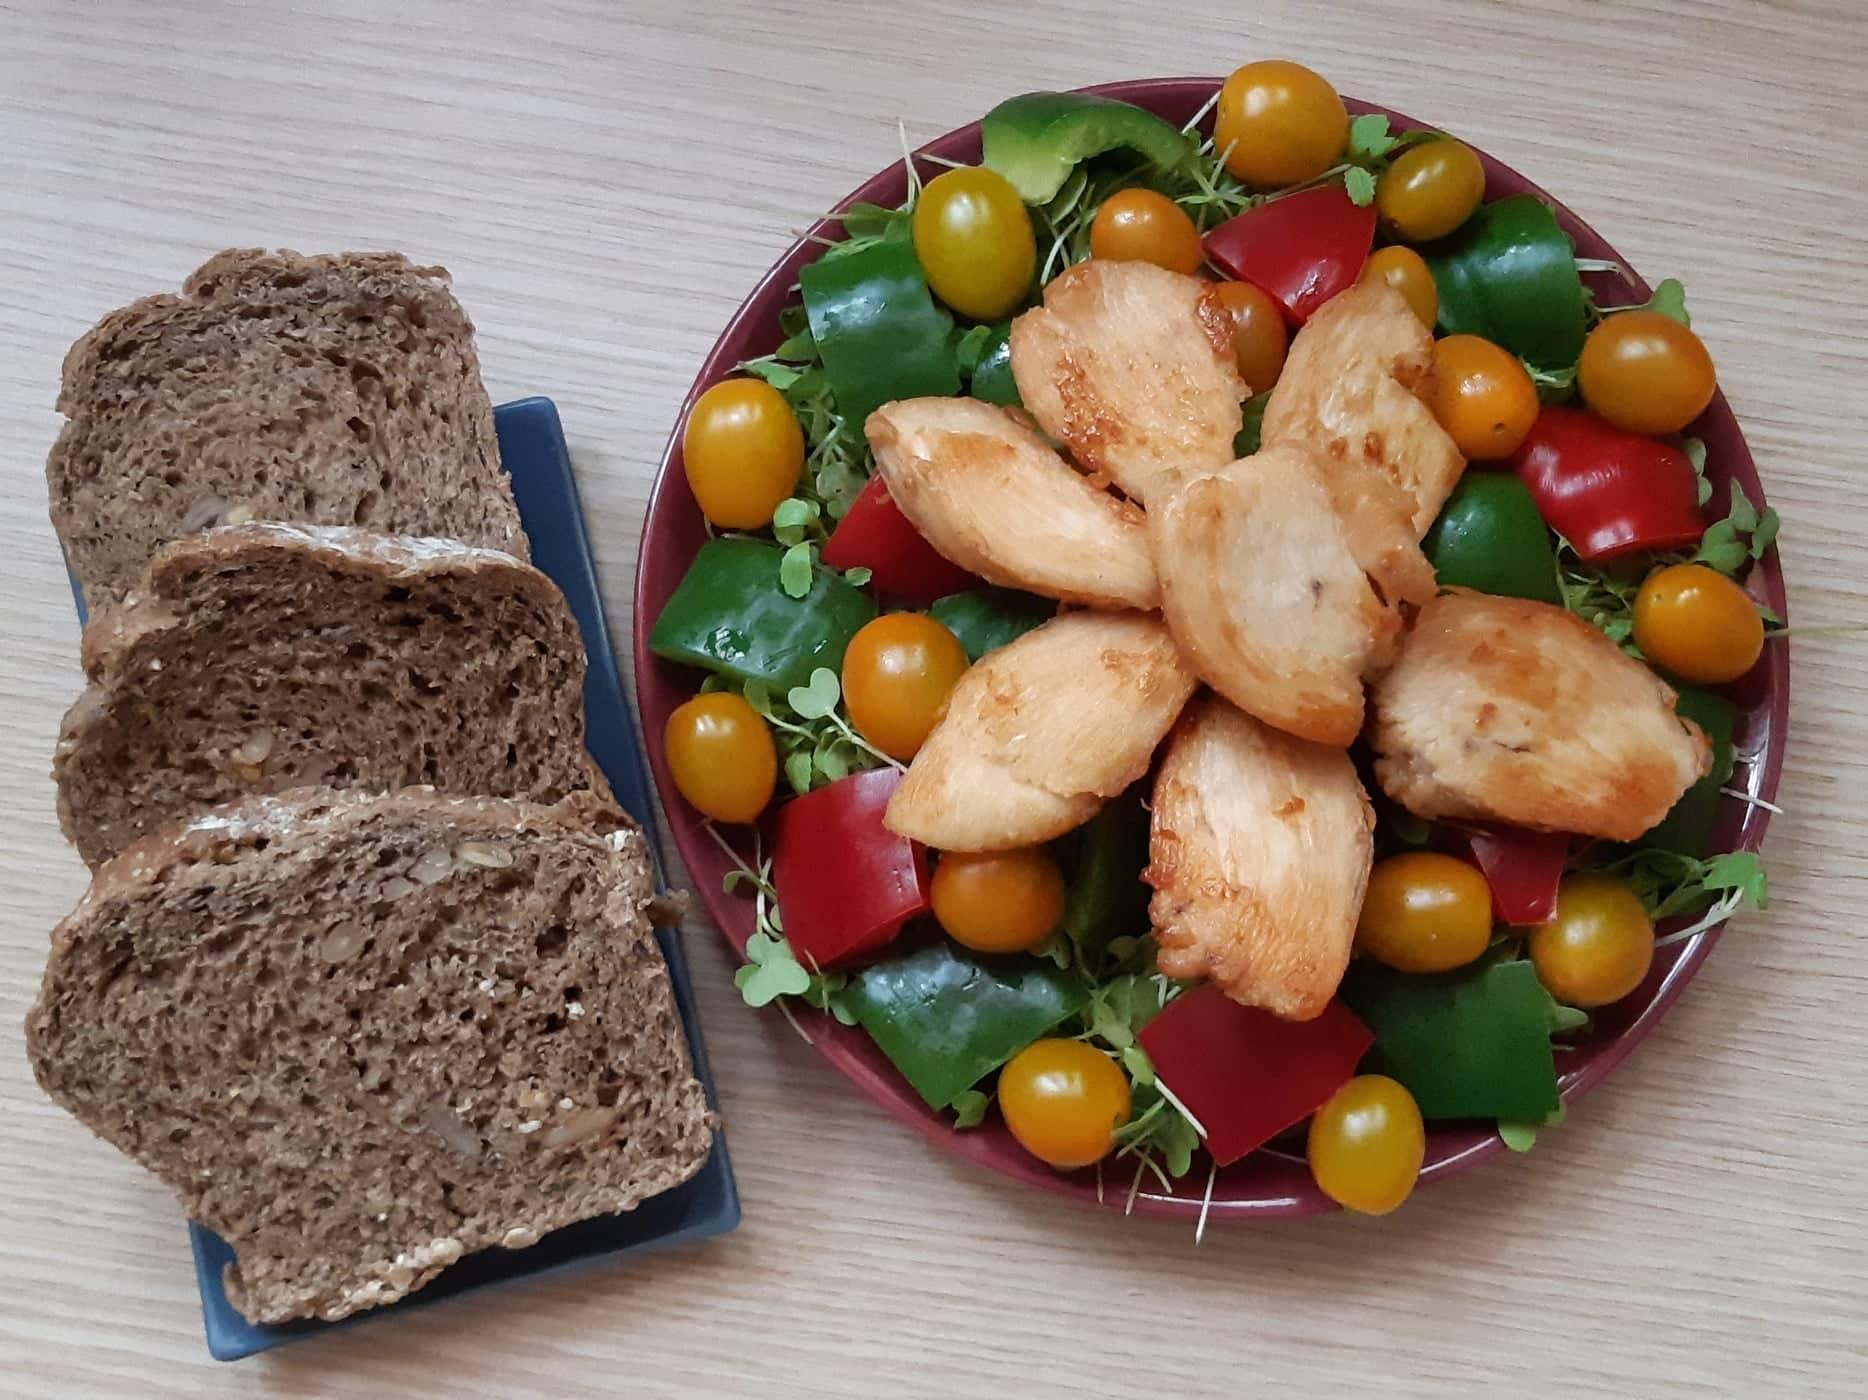 Cách làm bánh mì đen giòn ngon bổ dưỡng như đồ nhập khẩu tại nhà - Ảnh 13.